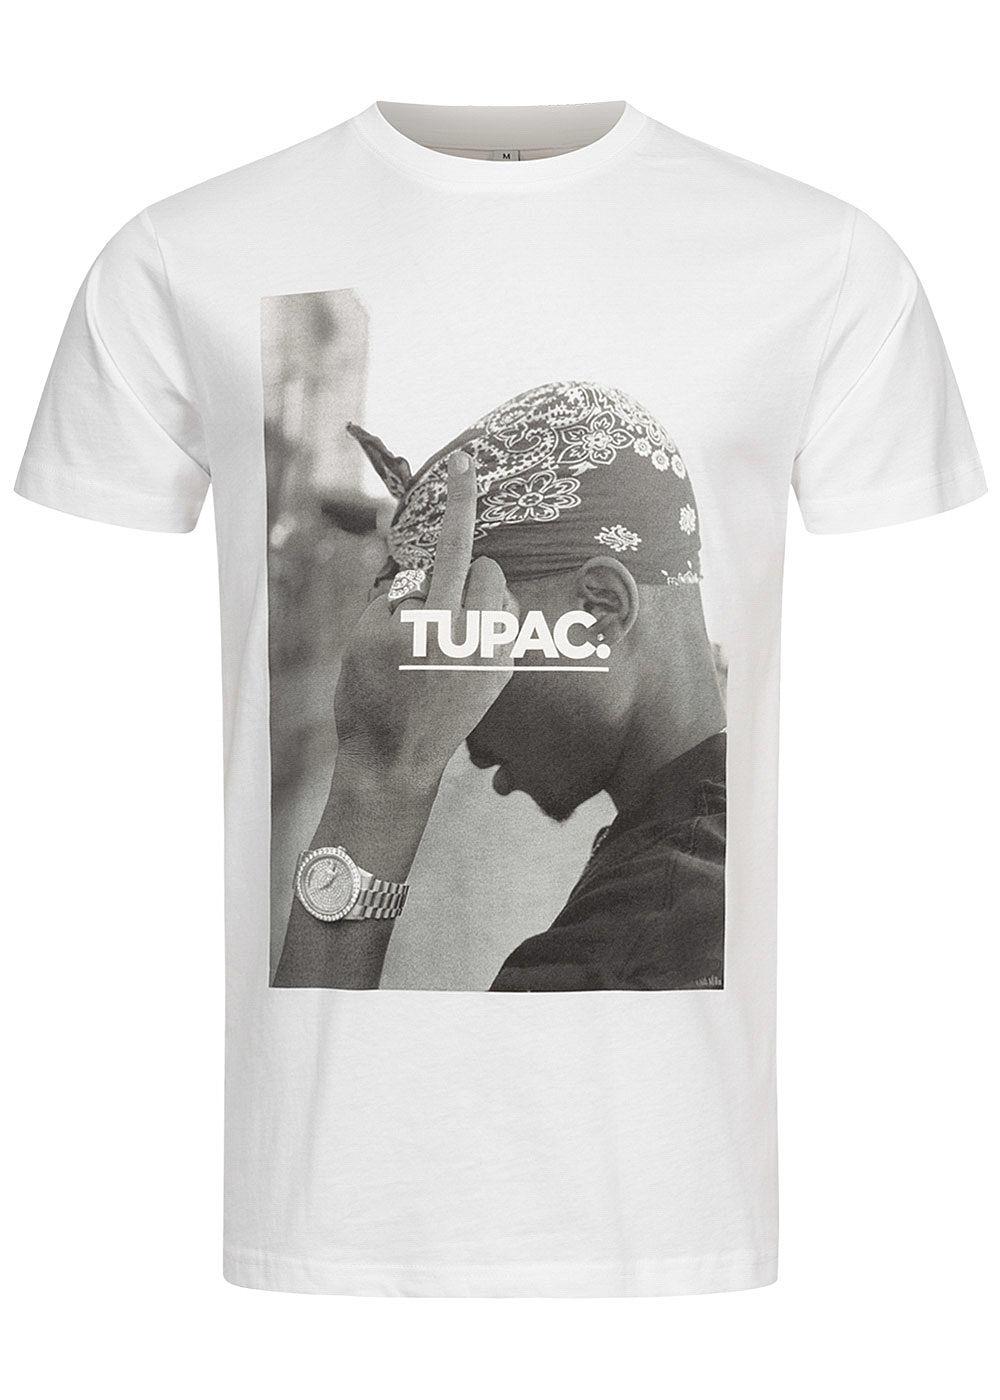 Mister Tee TB Herren T Shirt 2Pac Print weiss 77onlineshop